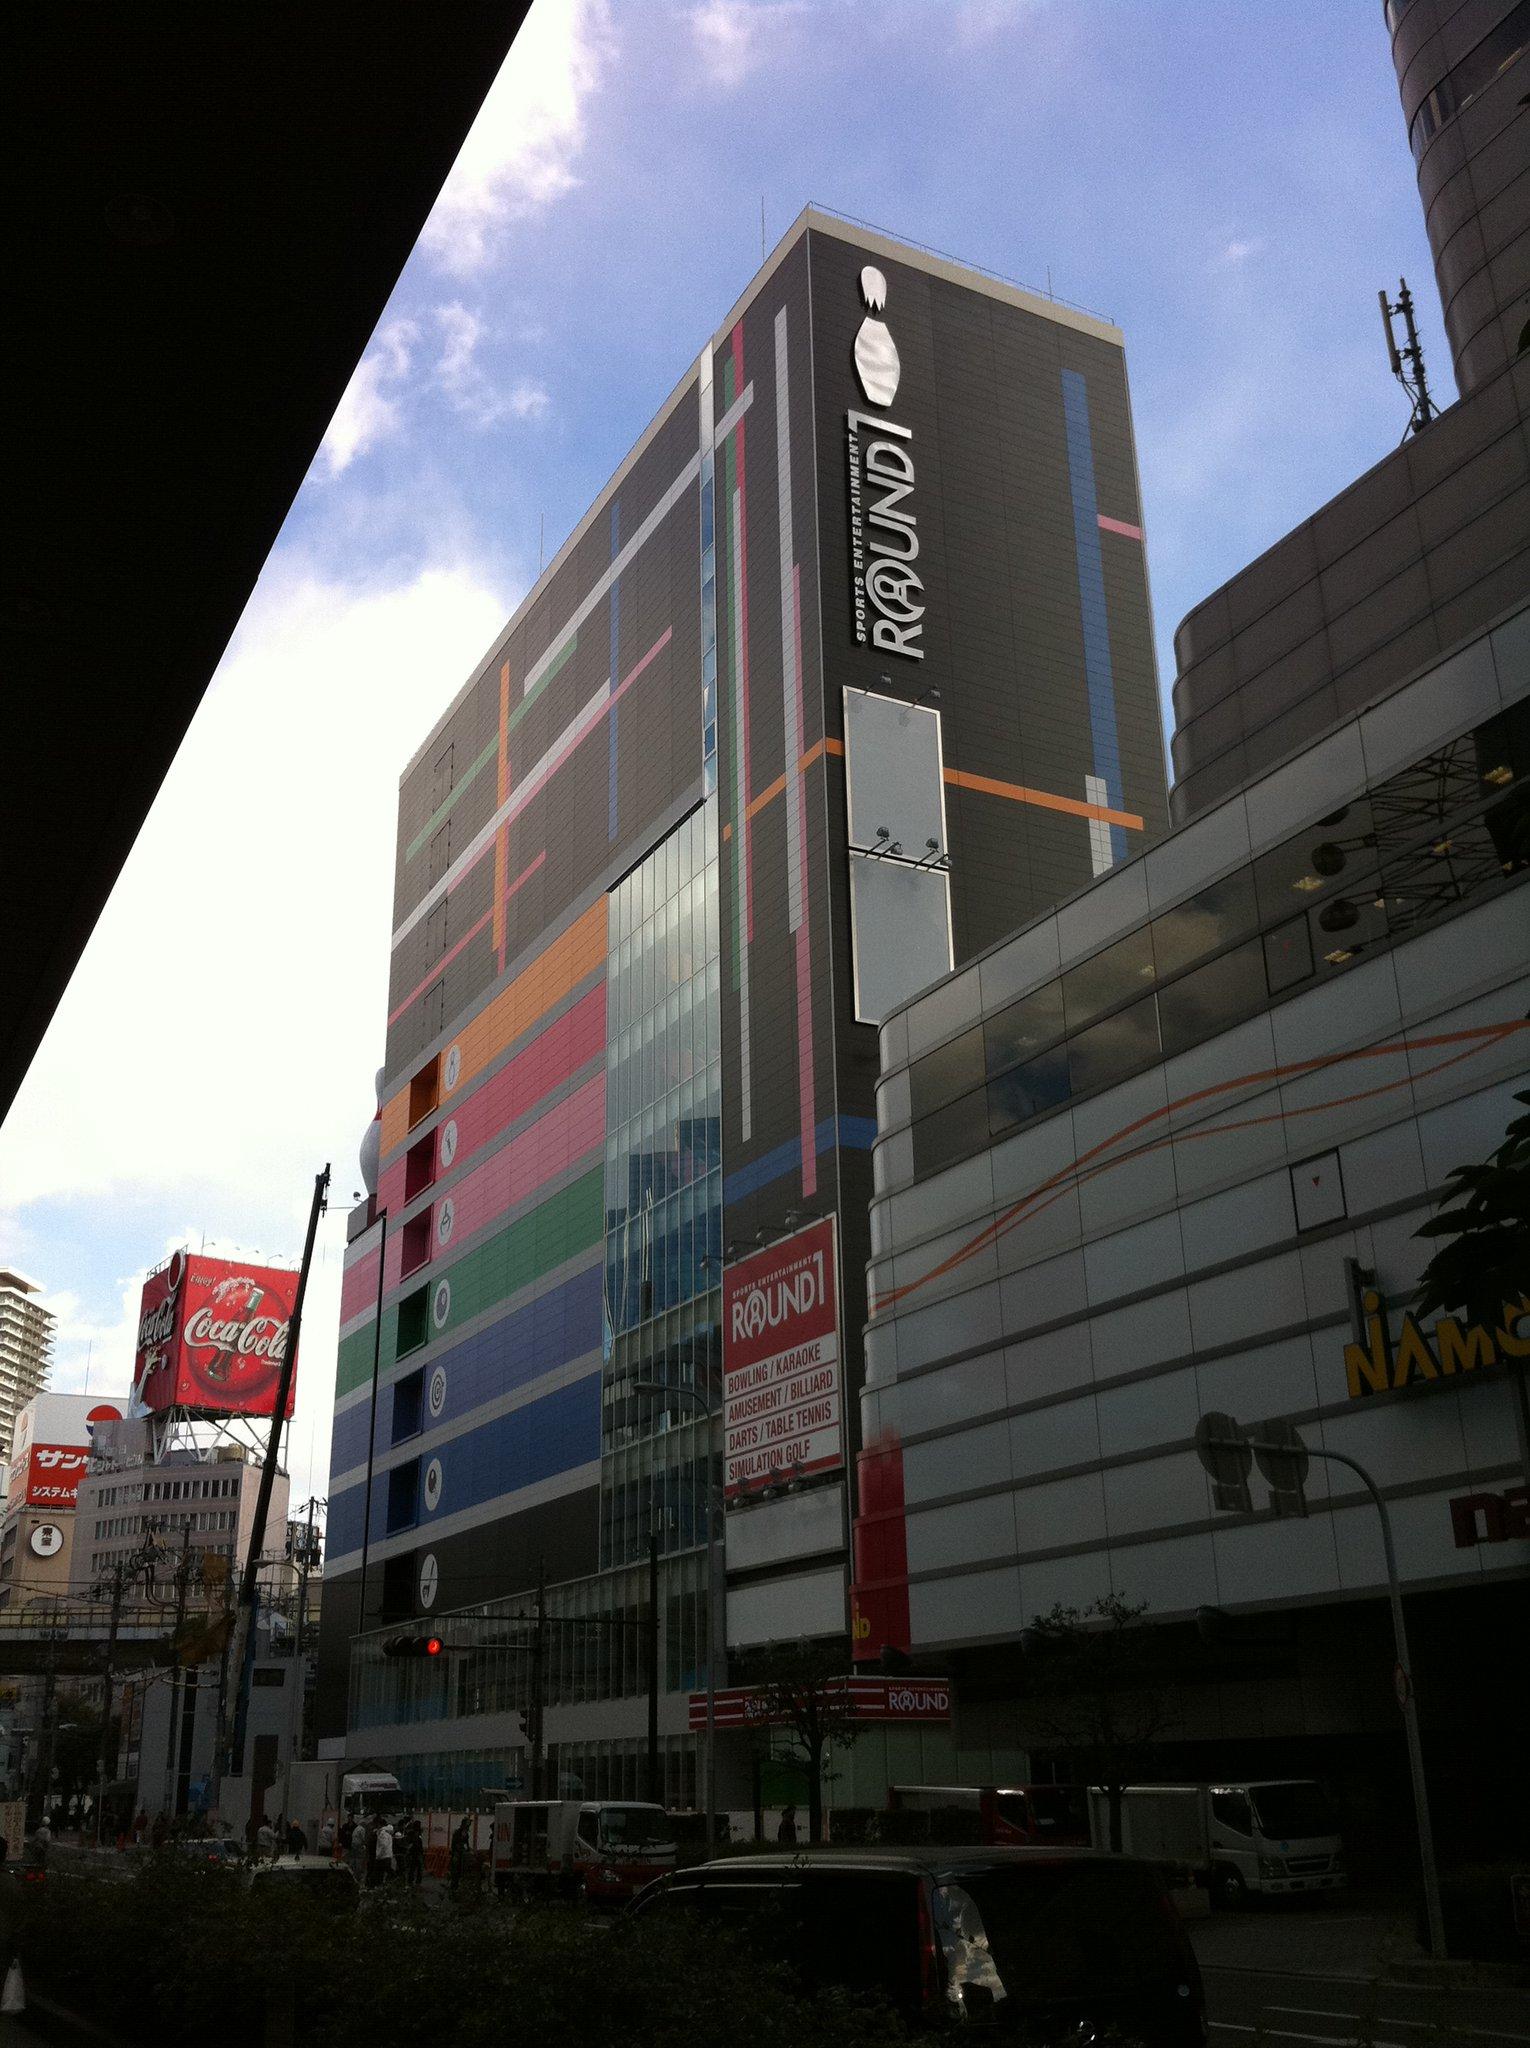 梅田で人気の暇つぶしスポット15選!時間ができた時のおすすめスポットをご紹介